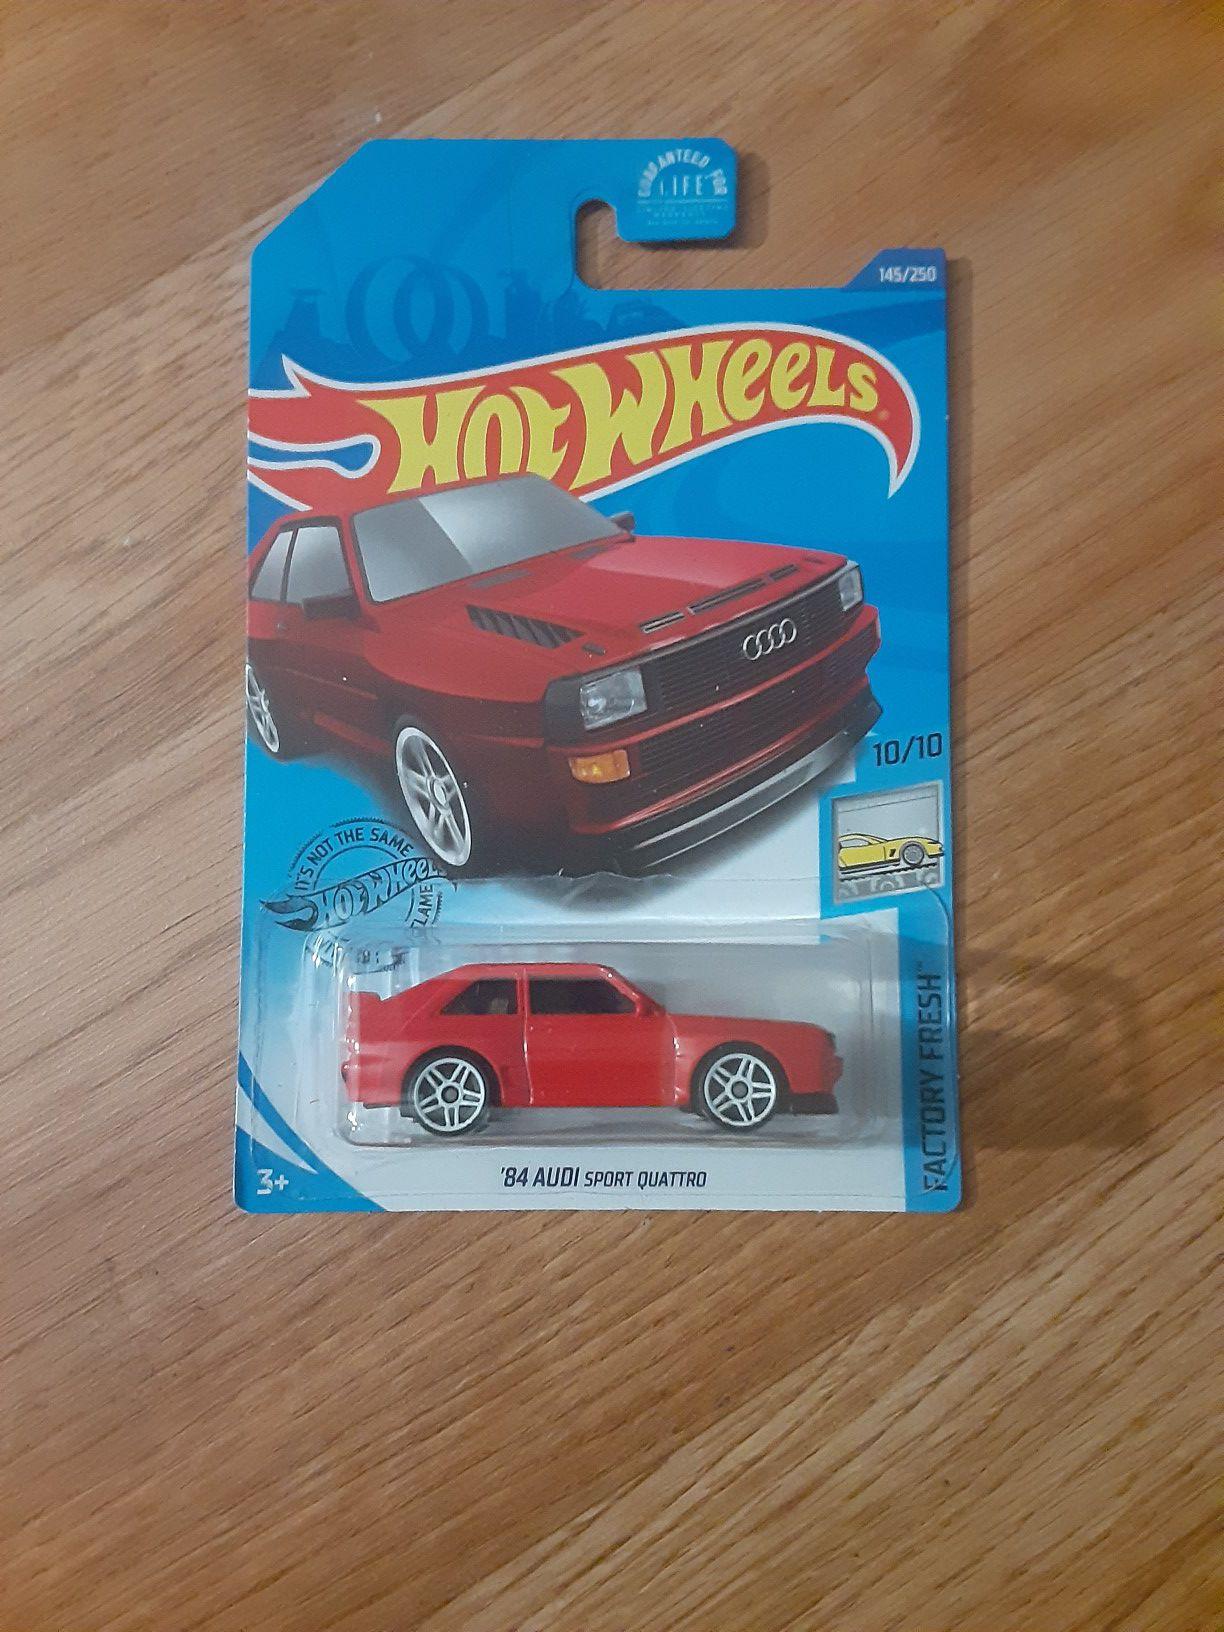 Hotwheels 84 Audi sport quantro